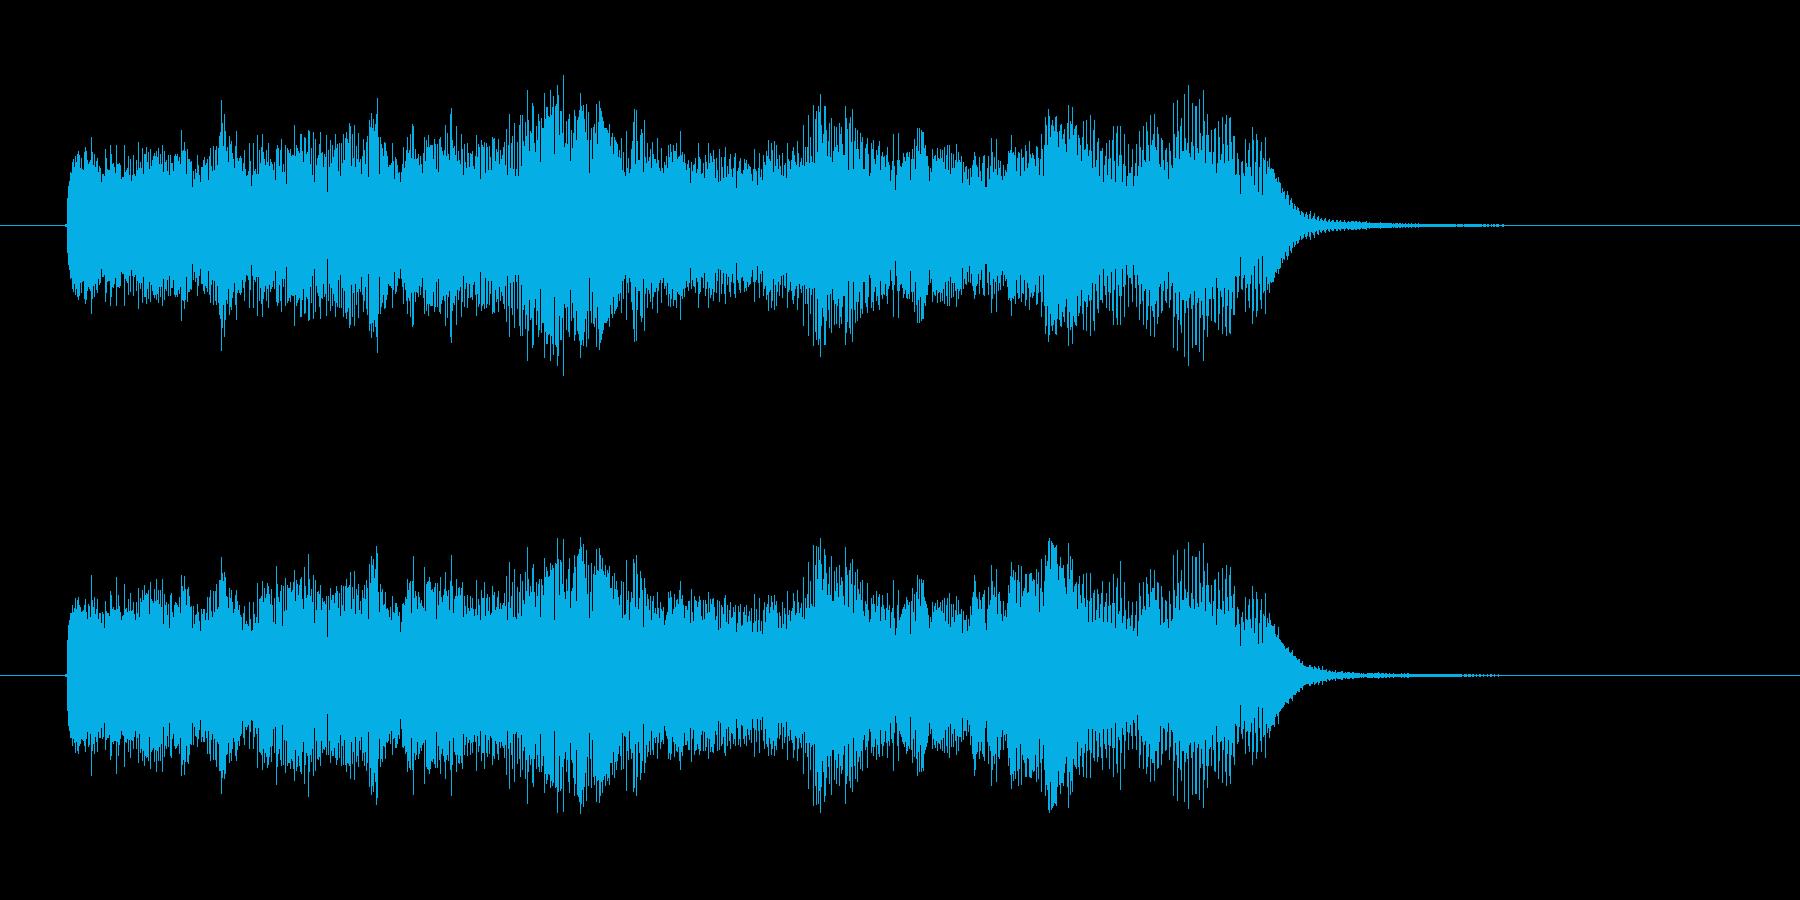 煌びやかでメルヘンポップなジングルの再生済みの波形